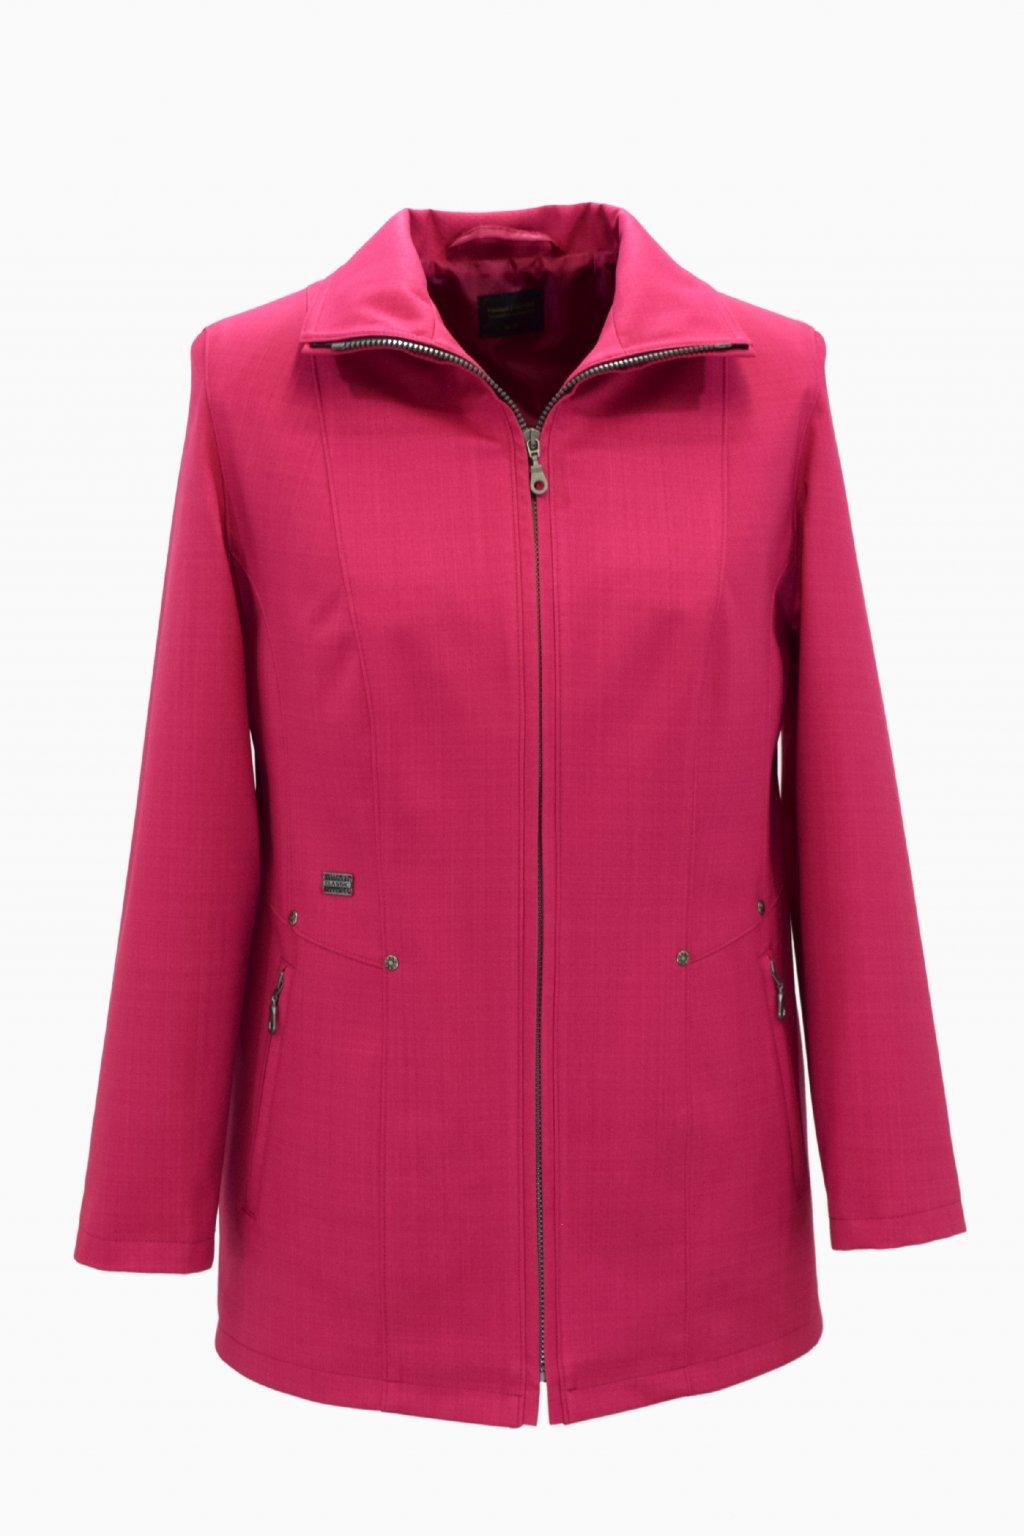 Dámská růžová jarní bunda Milena nadměrné velikosti